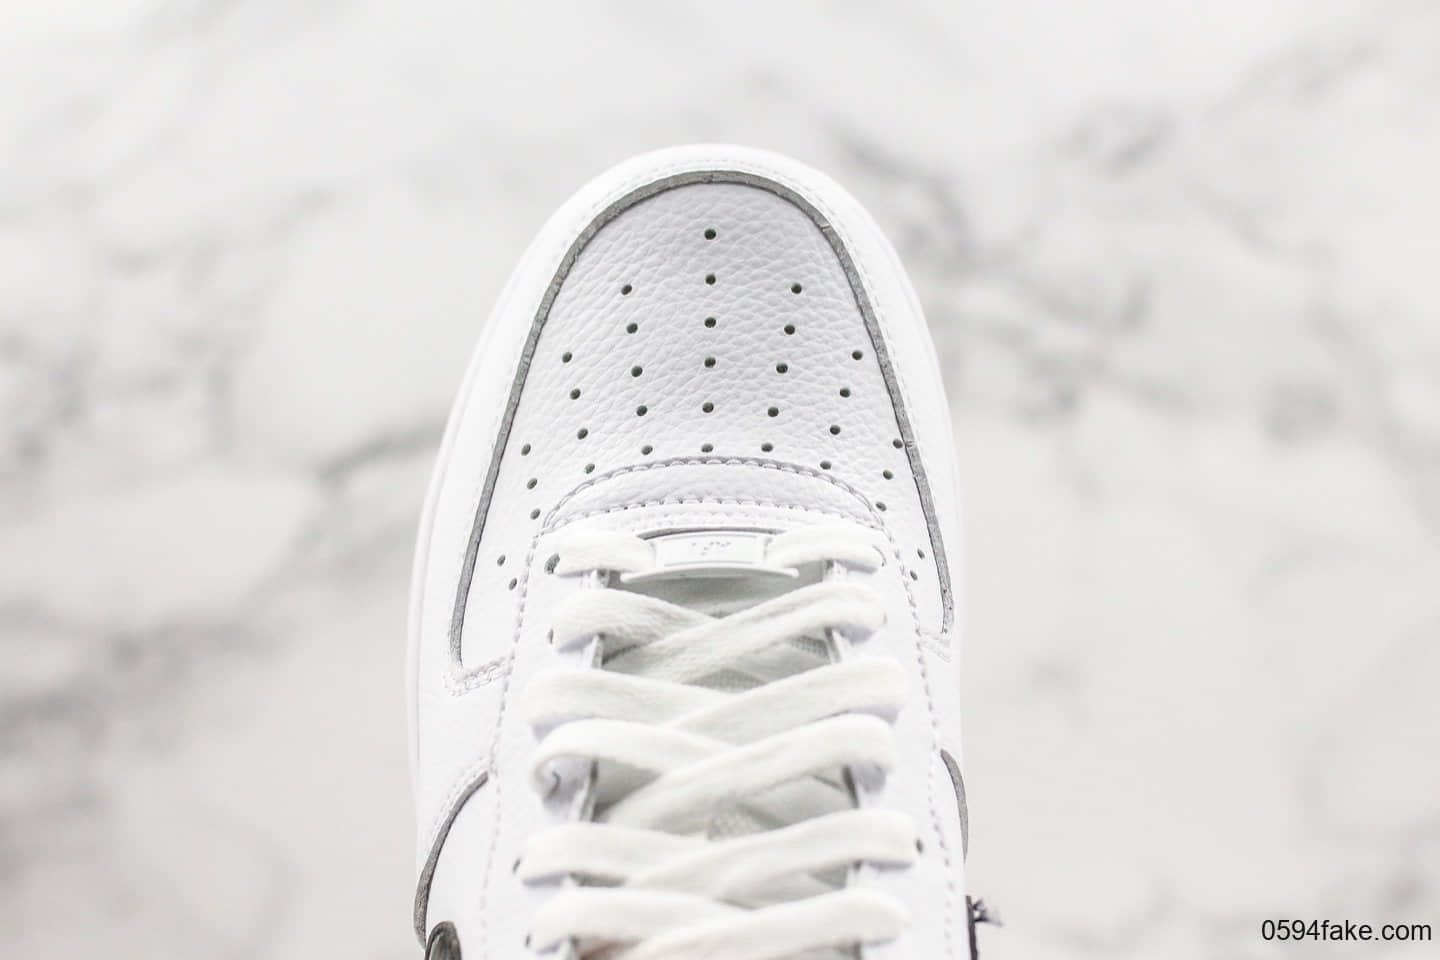 耐克Nike Air Force 1 Low 07纯原版本低帮空军一号黑白漆皮勾原盒原标内置气垫 货号:CI3446-100